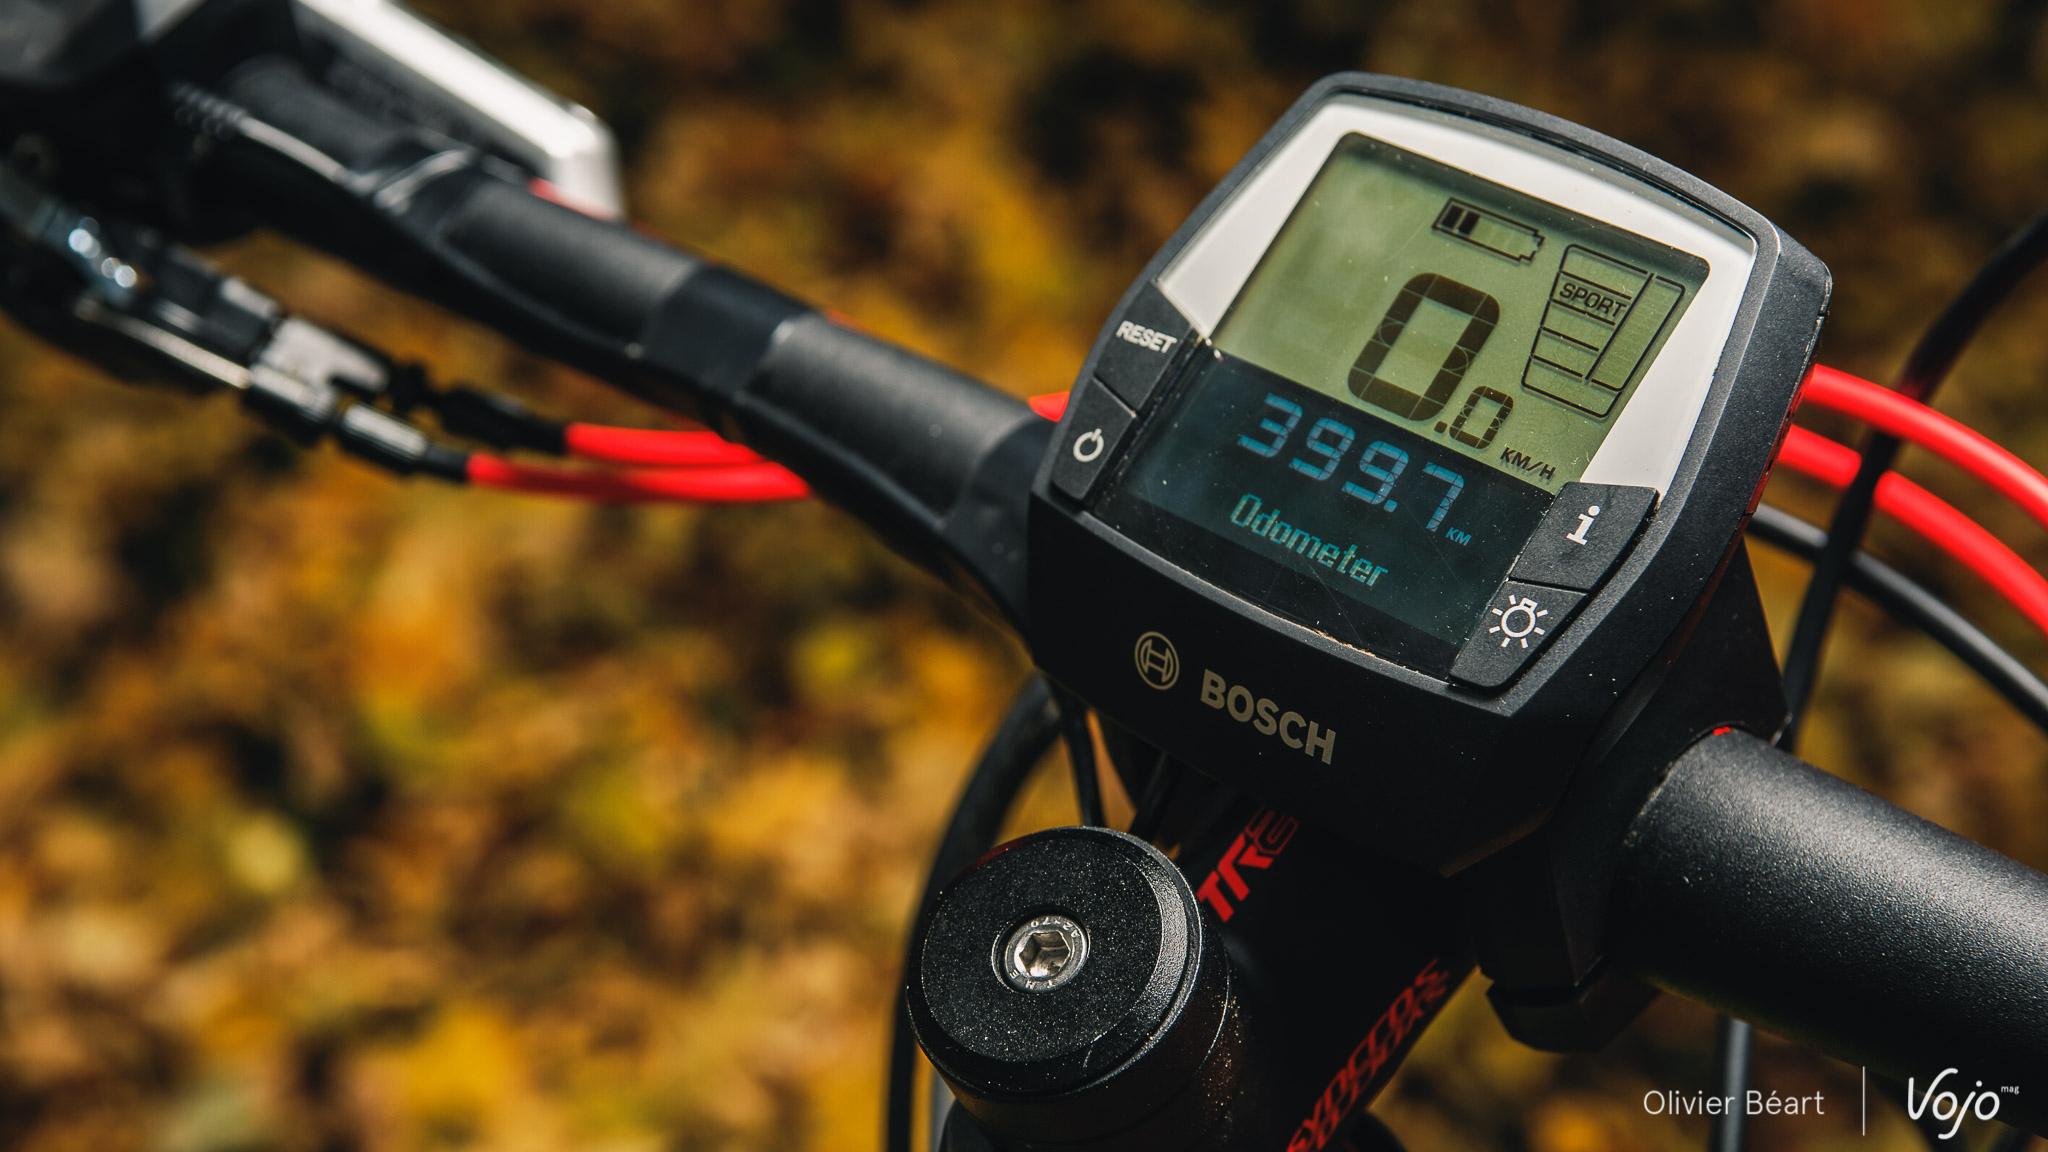 Scott_e_Genius_Test_b_Bicycle_VojoMag-2-3